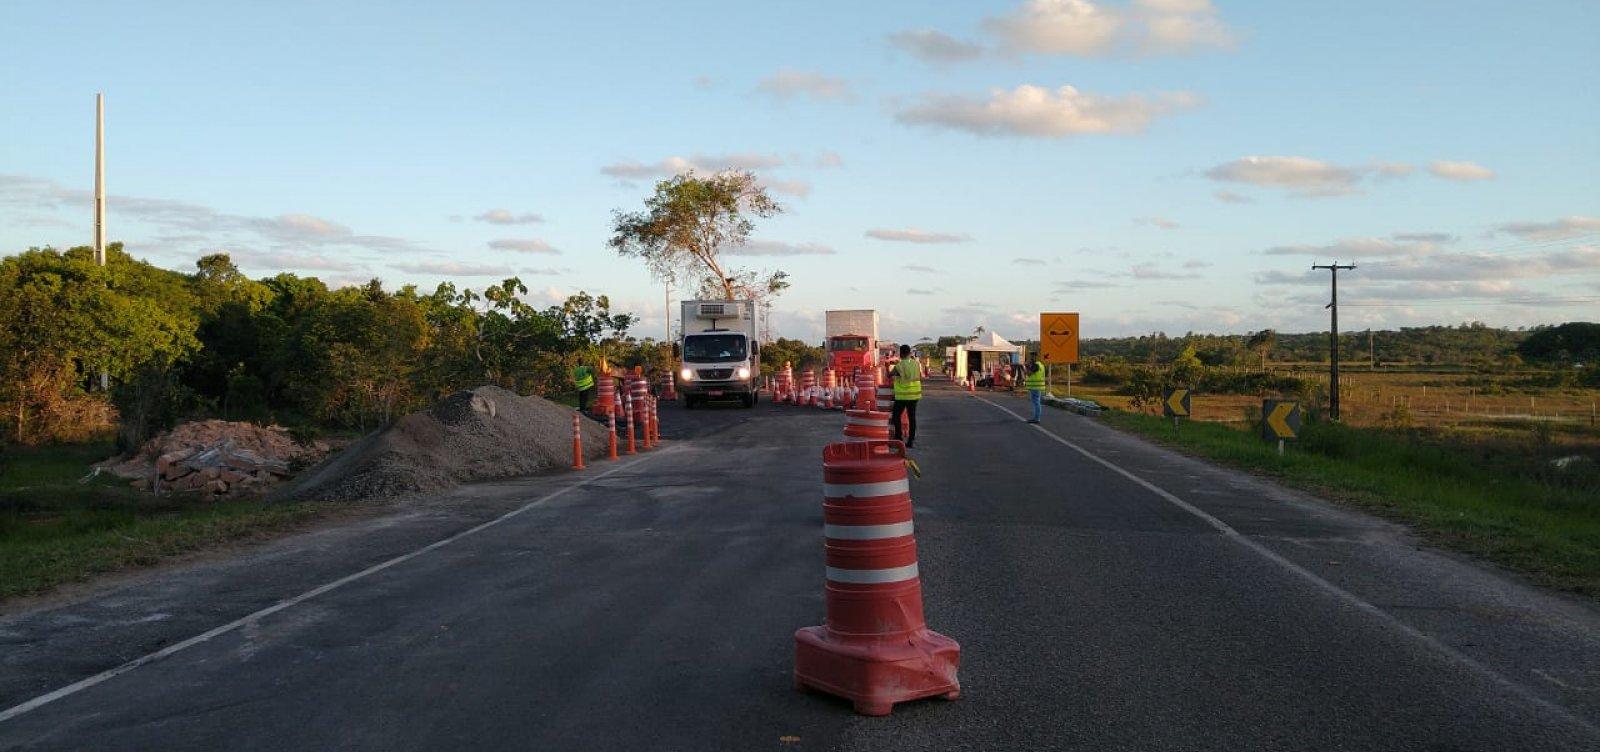 Obras de recuperação do solo na Linha Verde têm previsão de conclusão postergada para final de junho